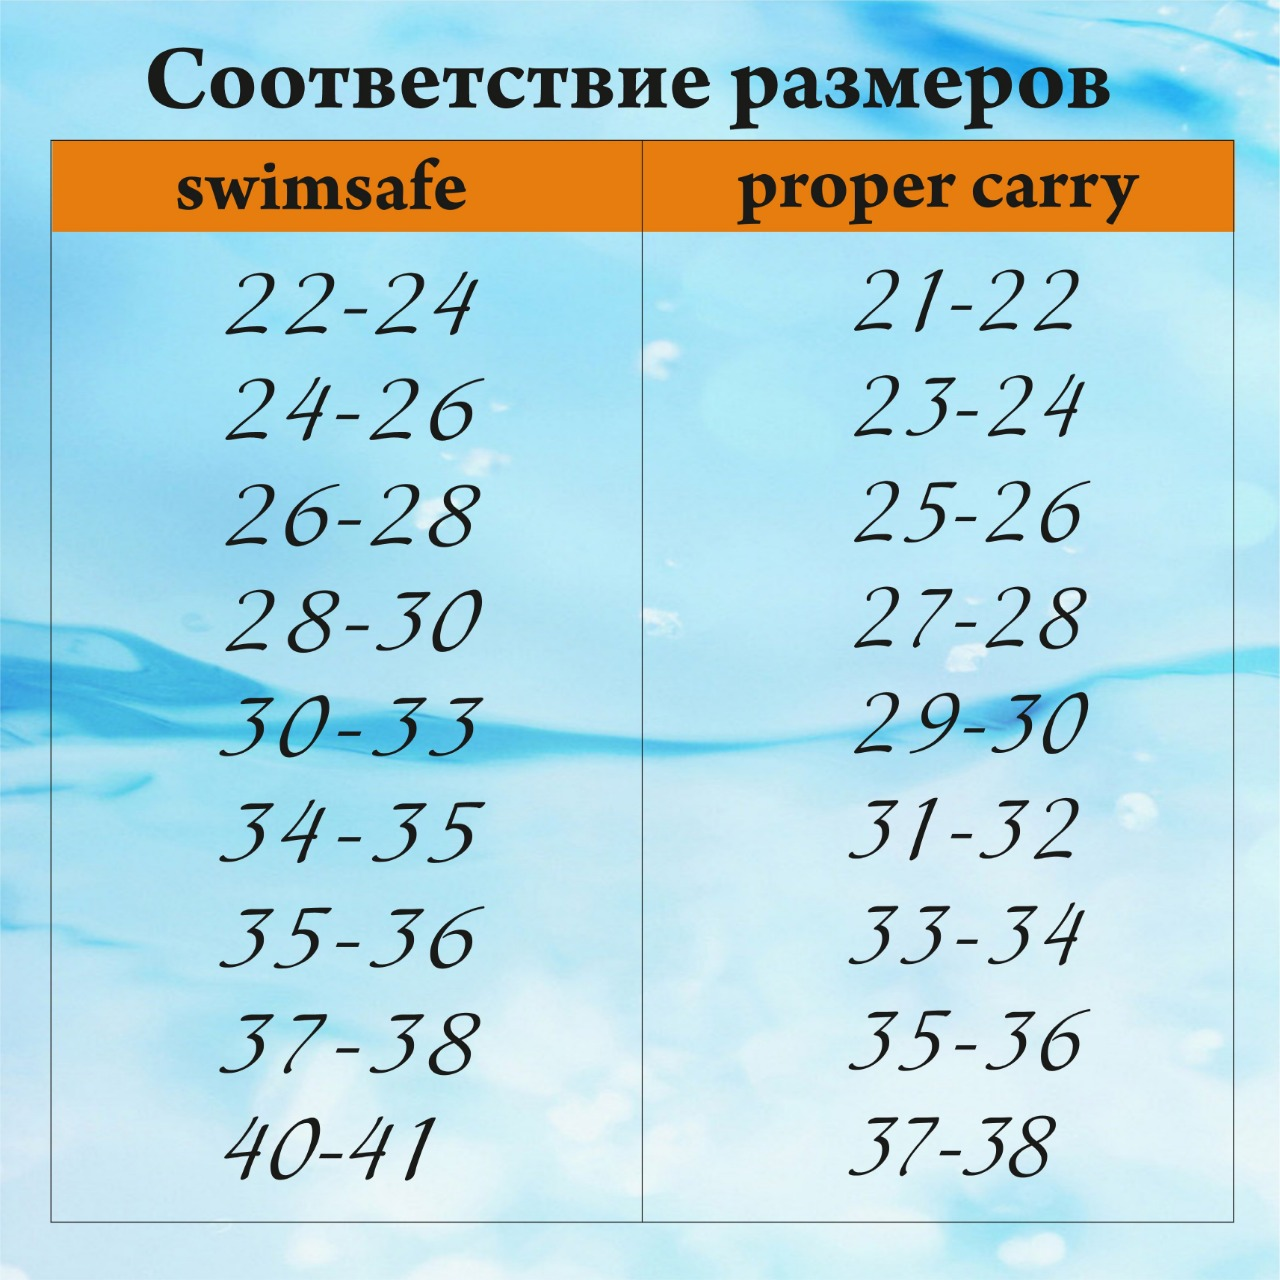 Грудничковые каучуковые ласты для бассейна ProperCarry FLOATING маленькие размеры 21-22, 23-24, 25-26, 27-28, 29-30, - фото 12